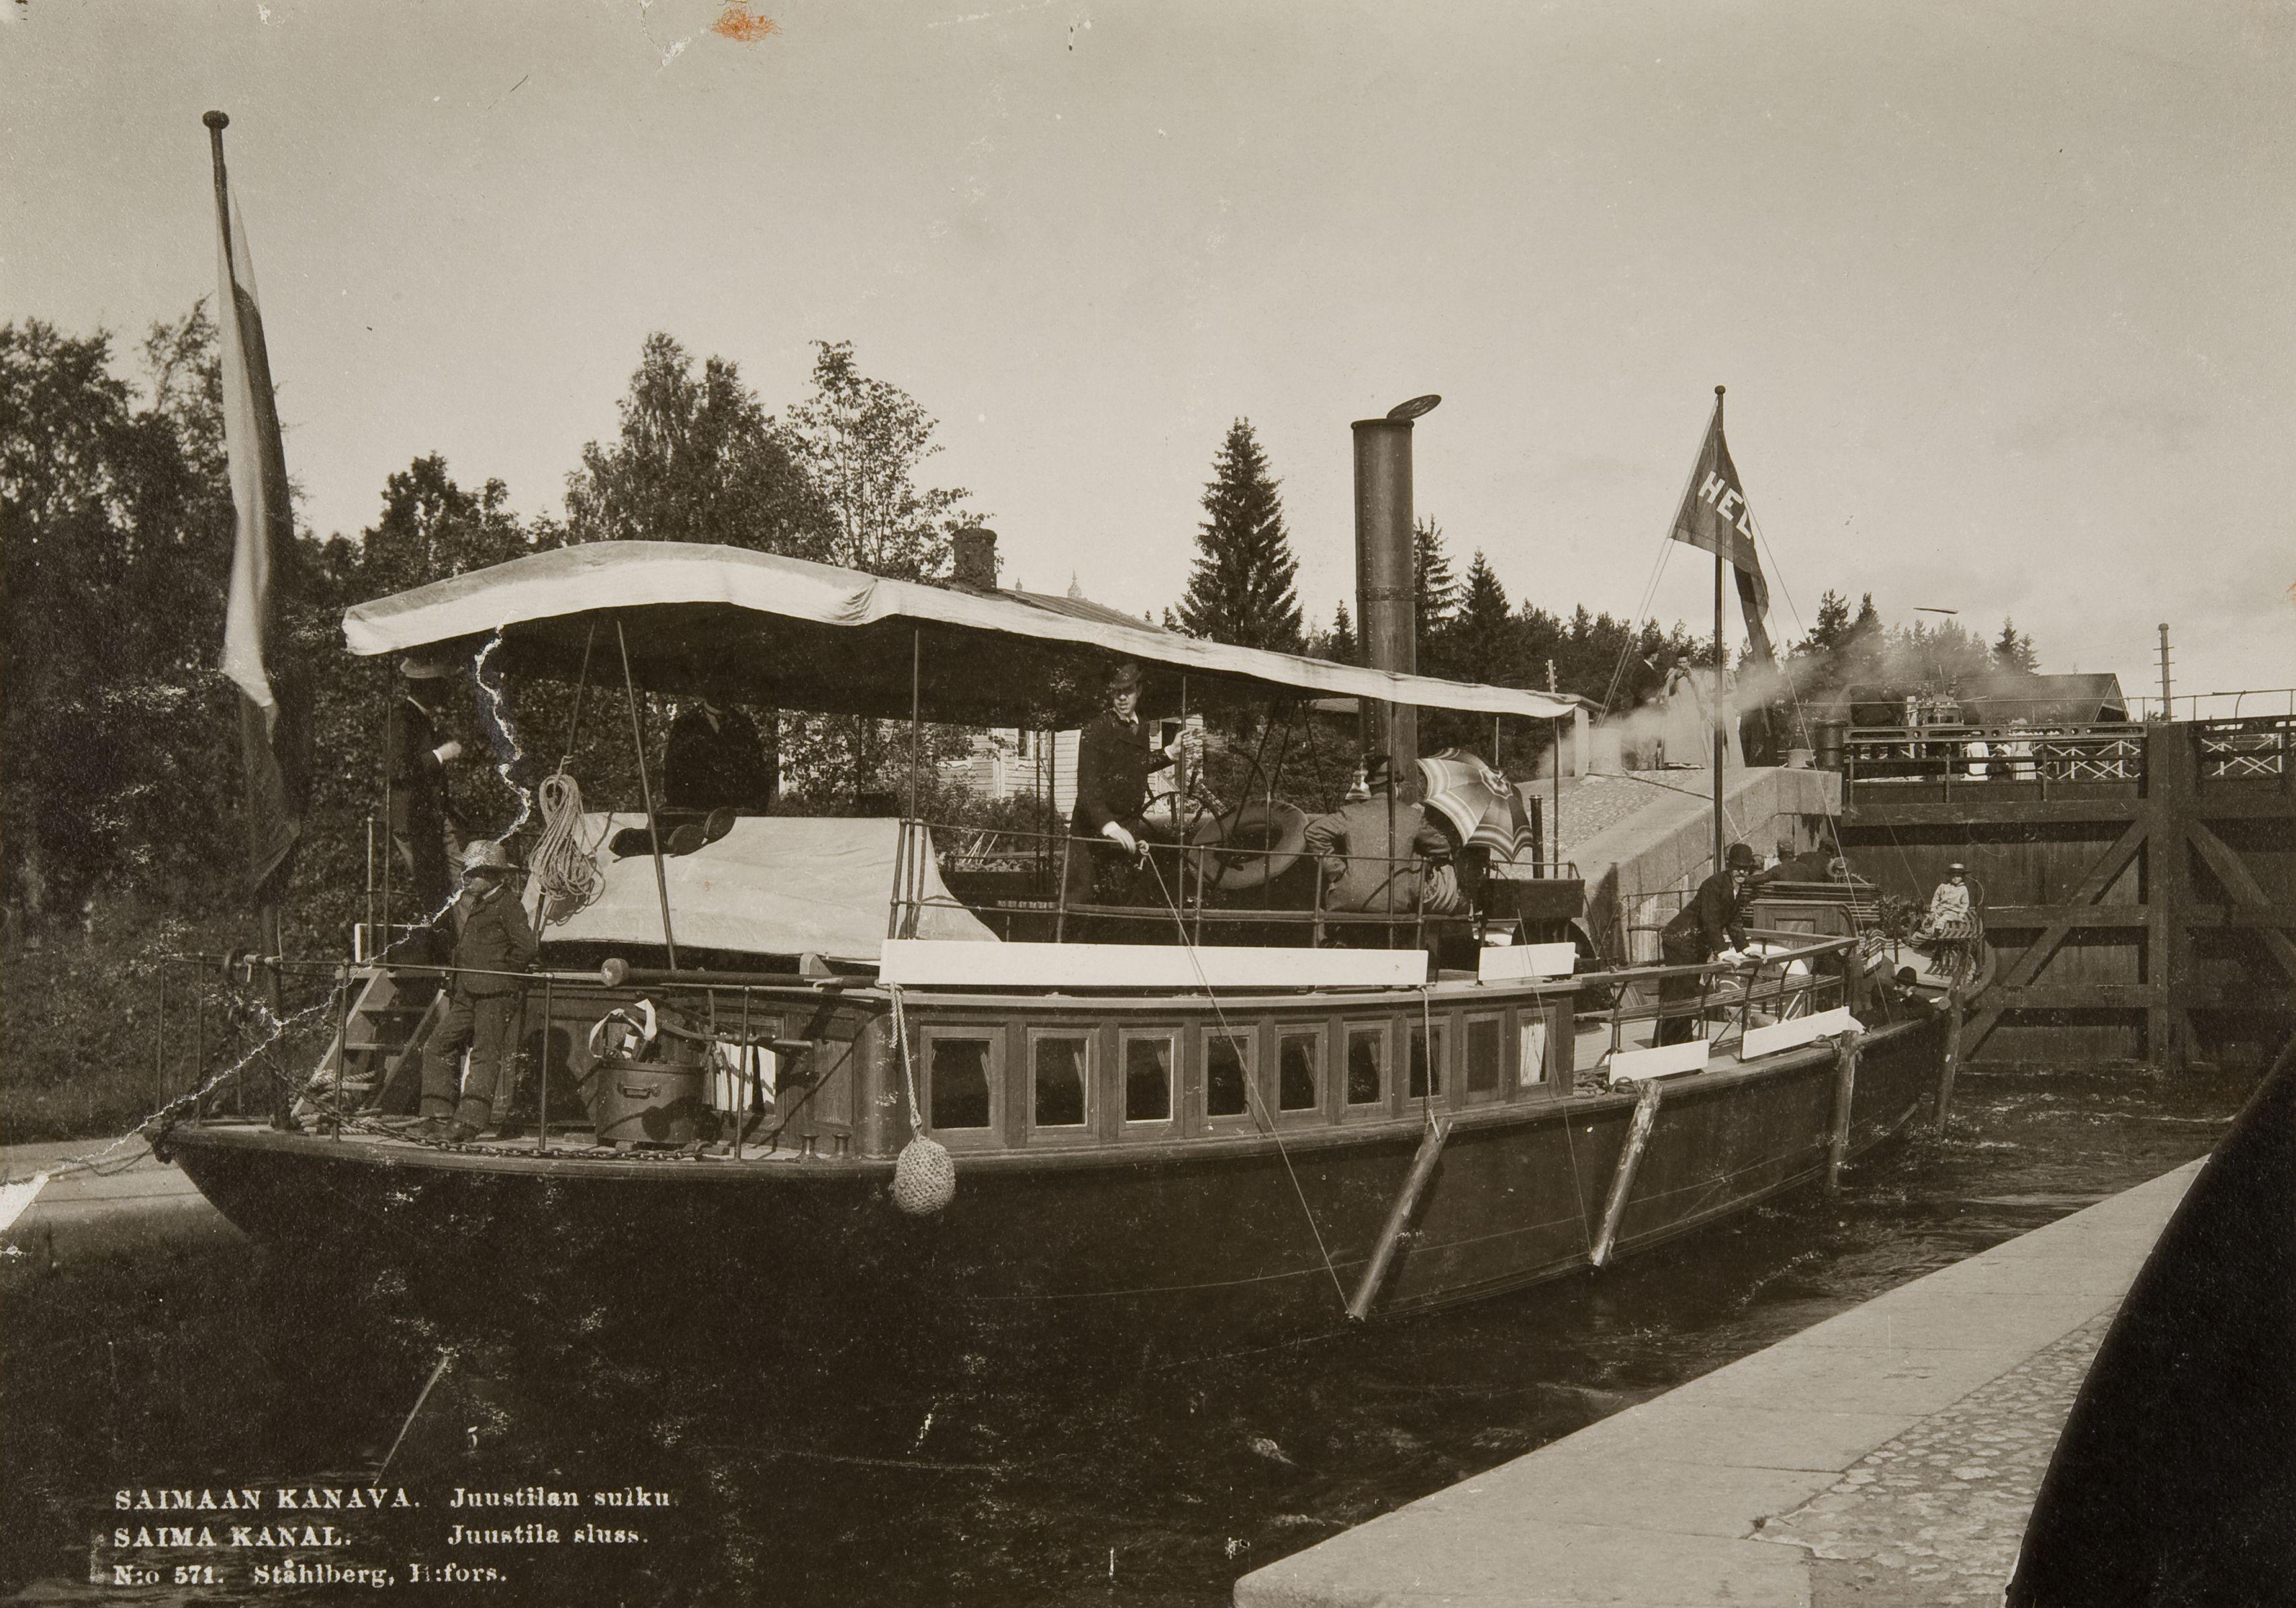 Juustilan sulku Viipurin maalaiskunnassa 1890-luvulla. Kuvan otti I. K. Inha ja sitä markkinoi postikorttina K. E. Ståhlbergin valokuvaamo. (Museovirasto)